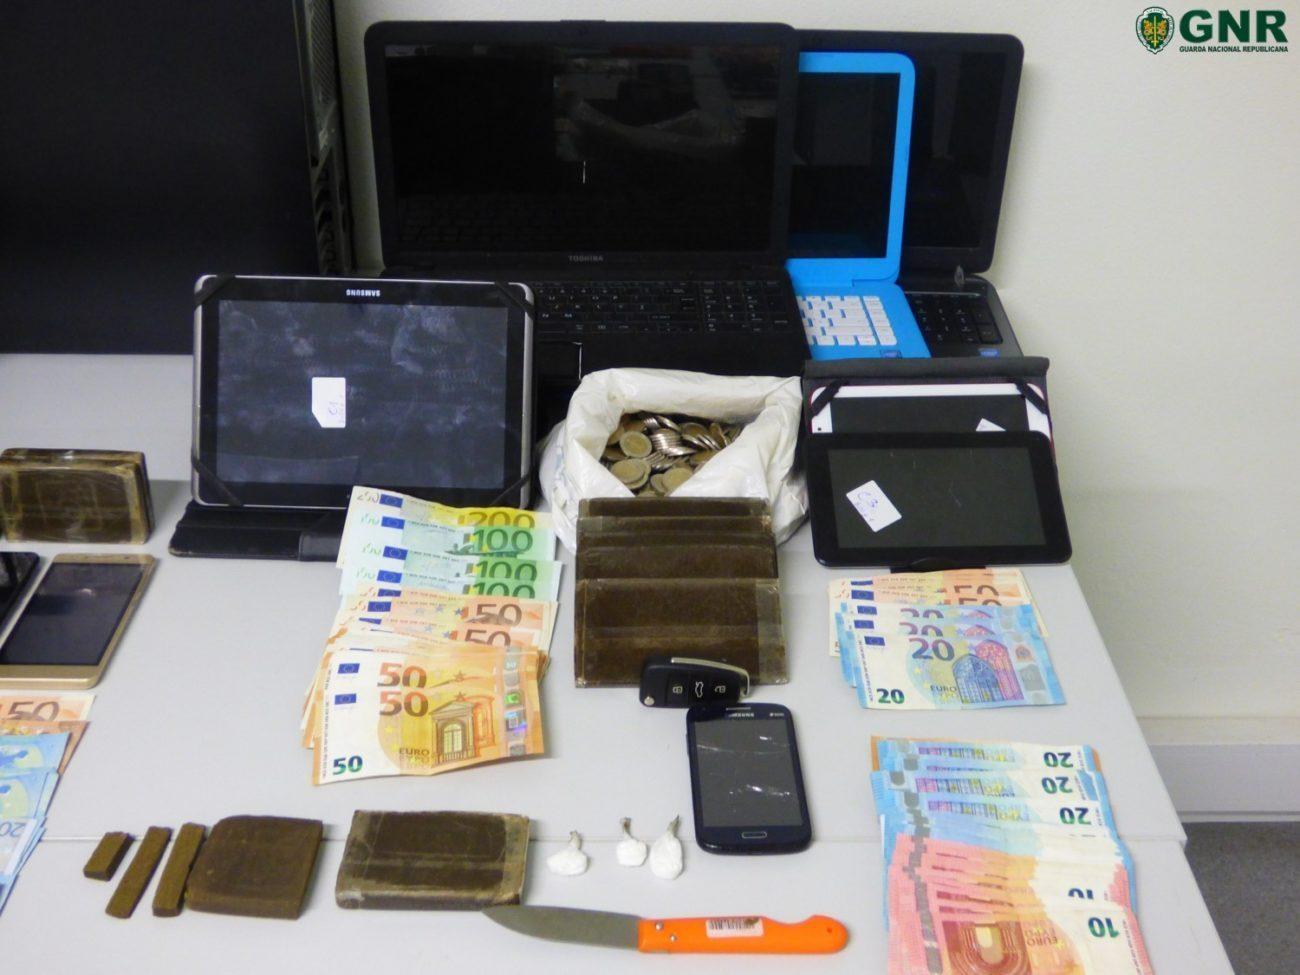 CRIME – GNR apreendeu mais de 2700 doses de droga em operação que passou por Amares